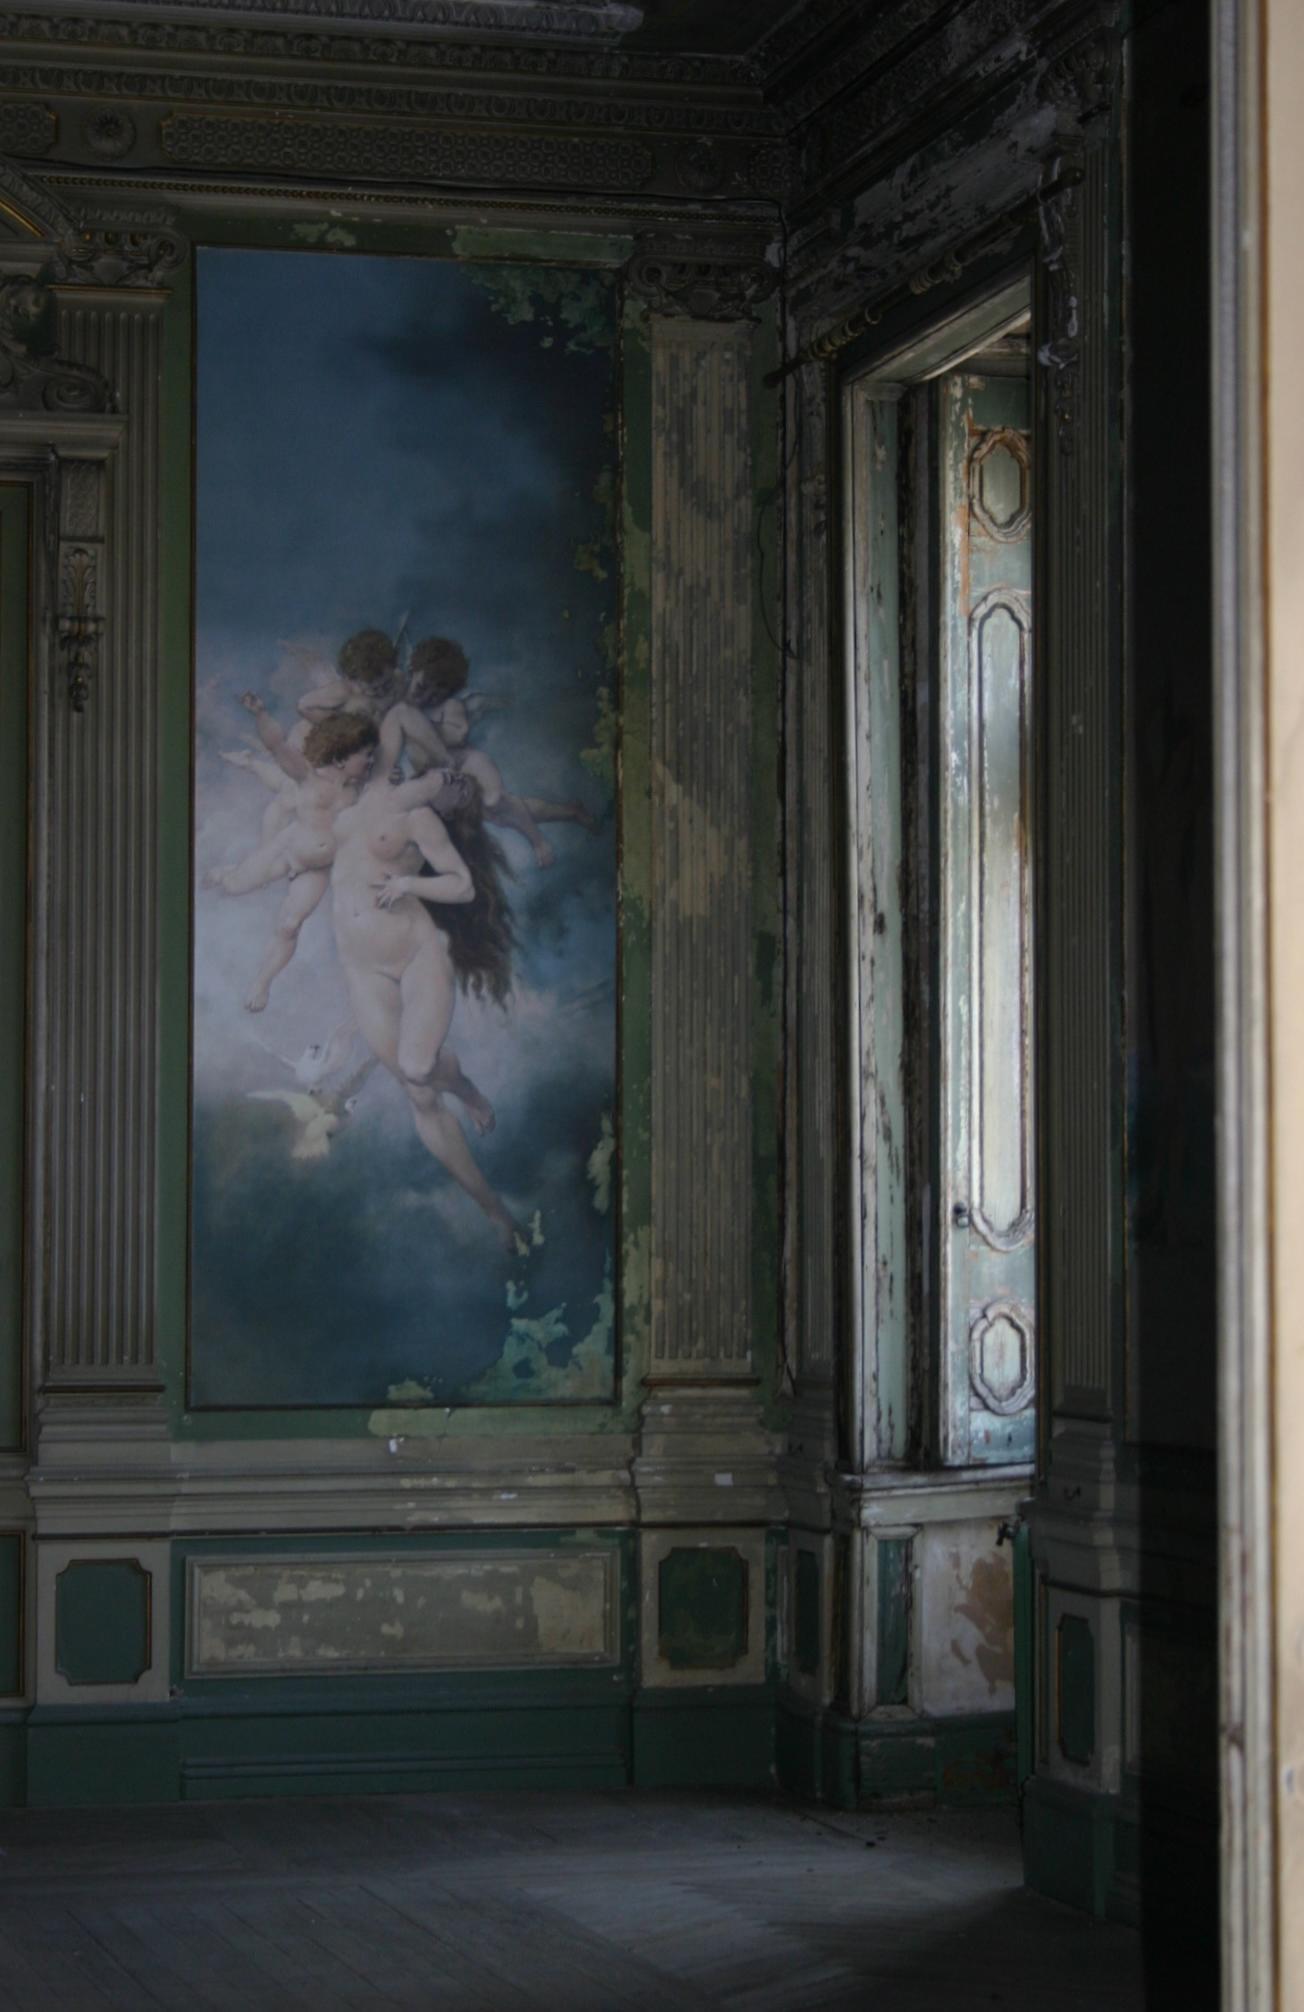 Interiores (2013) - Carlos Oliveira Cruz